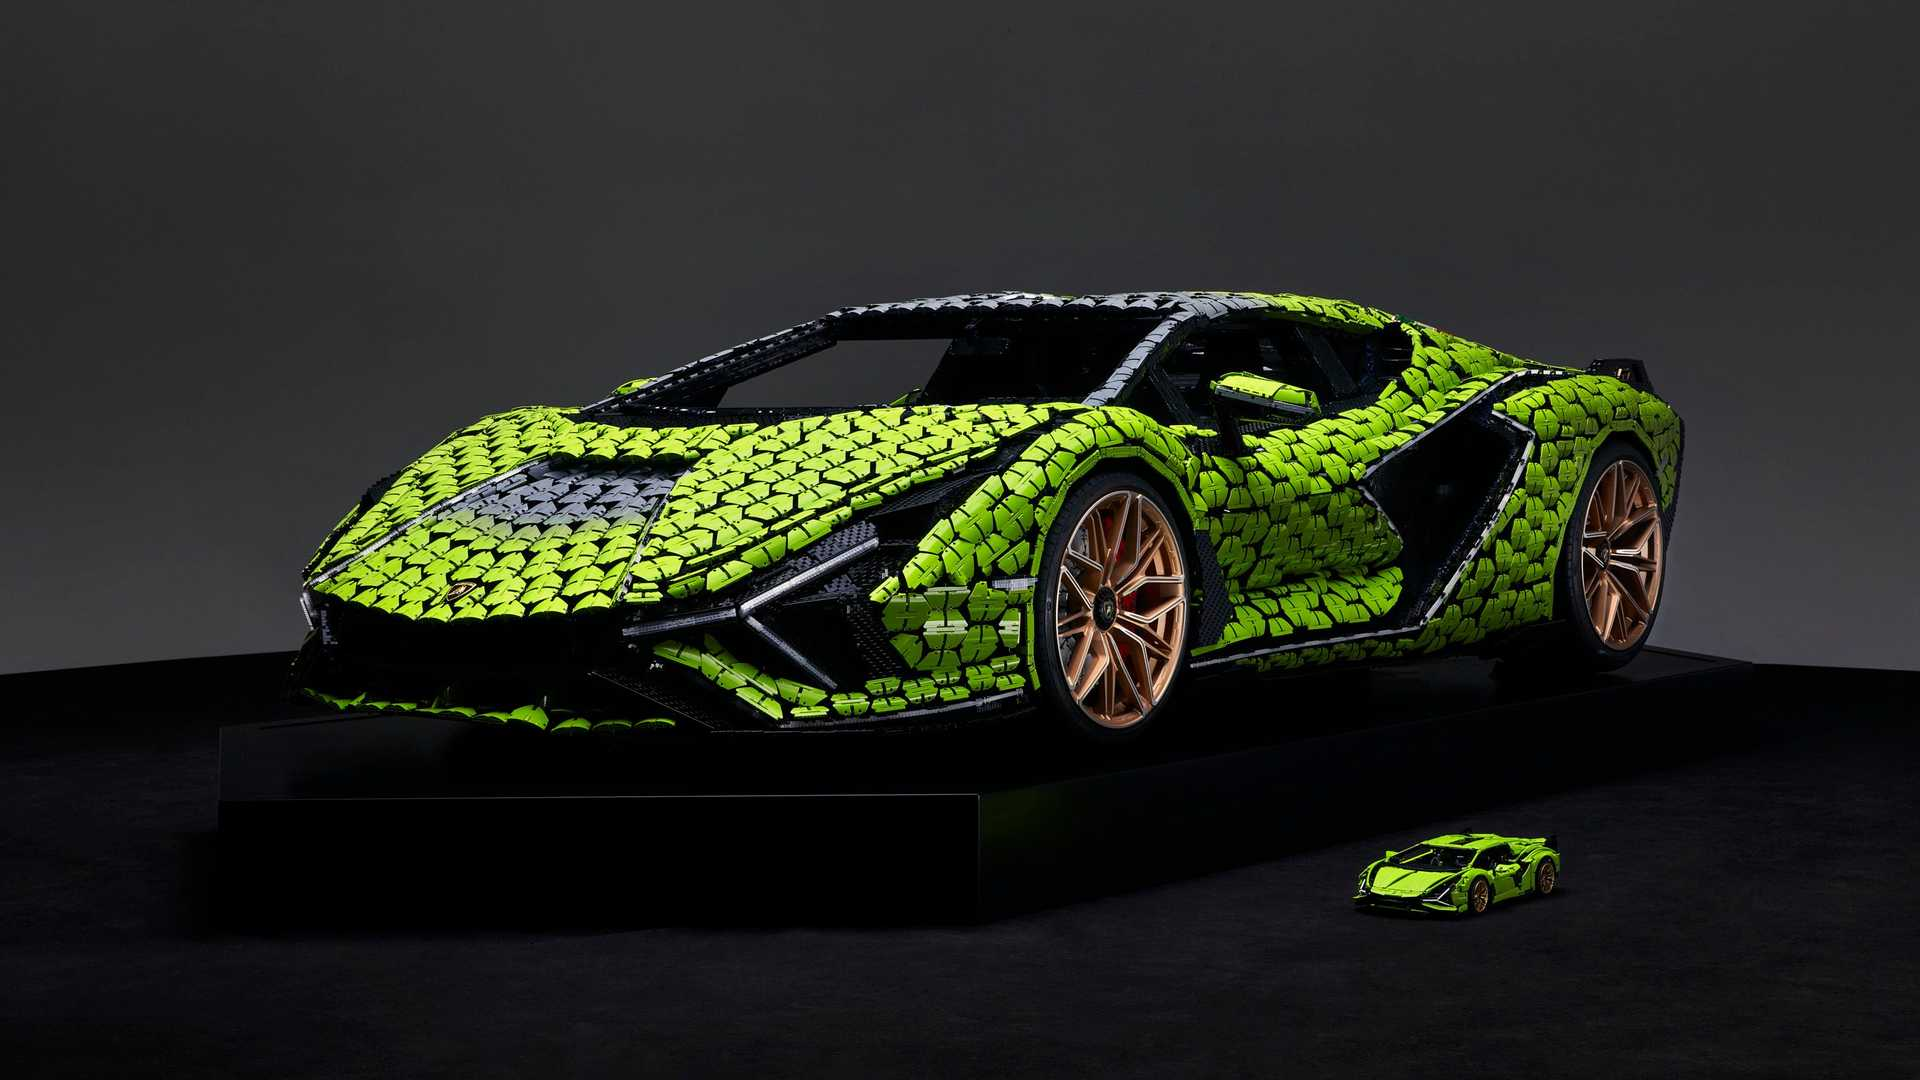 Lamborghini Sian FKP 37 fullsize Lego replica